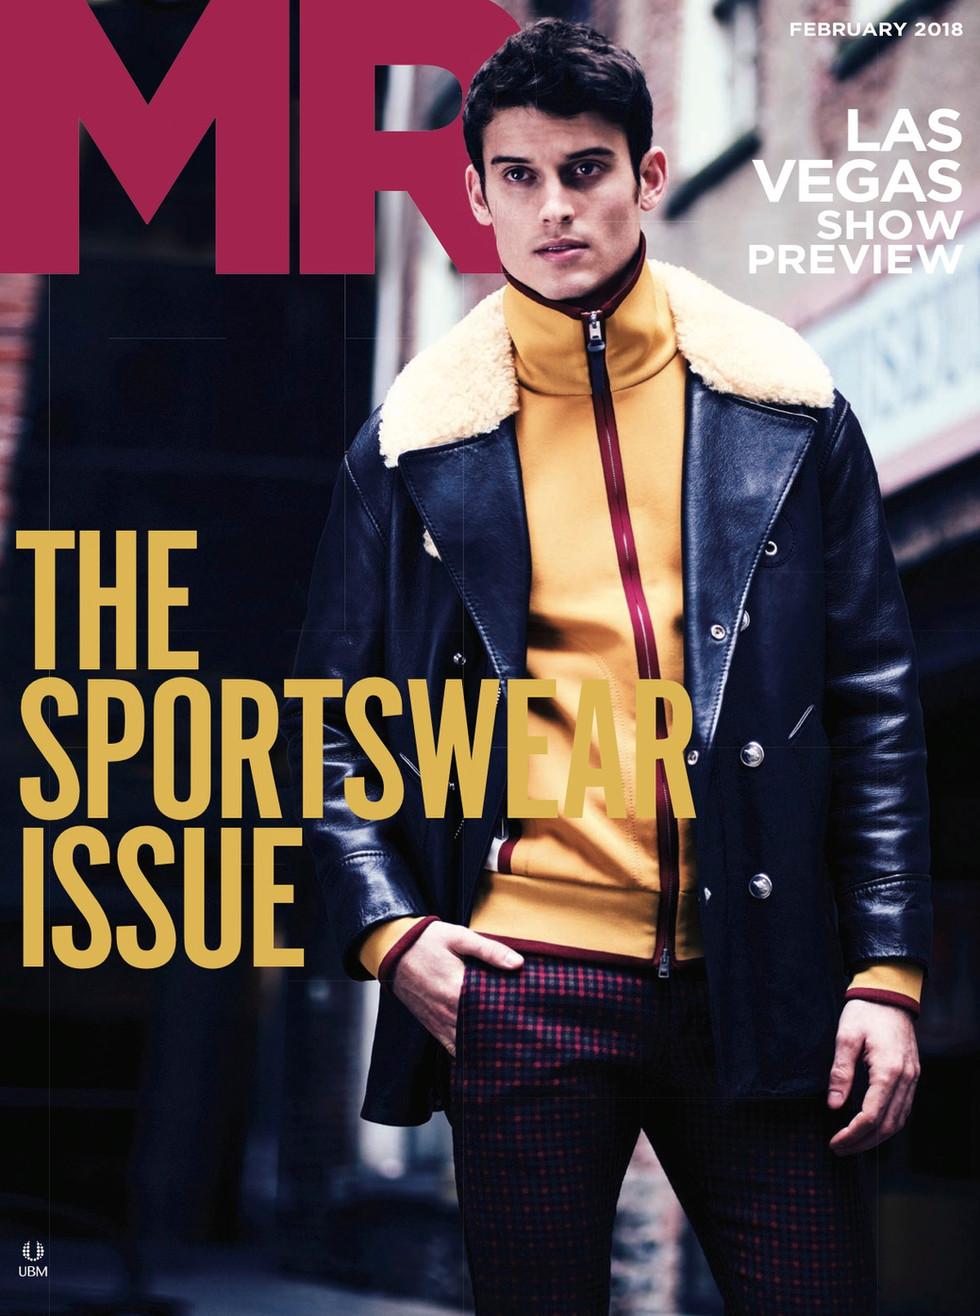 MR February 2018 - Fashion1.jpg